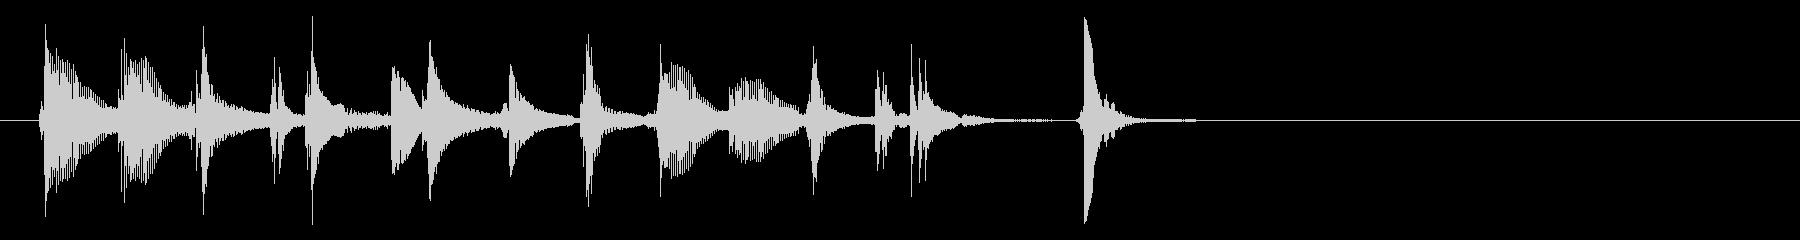 三味線98ロックっぽいリフ生音歌舞伎和風の未再生の波形